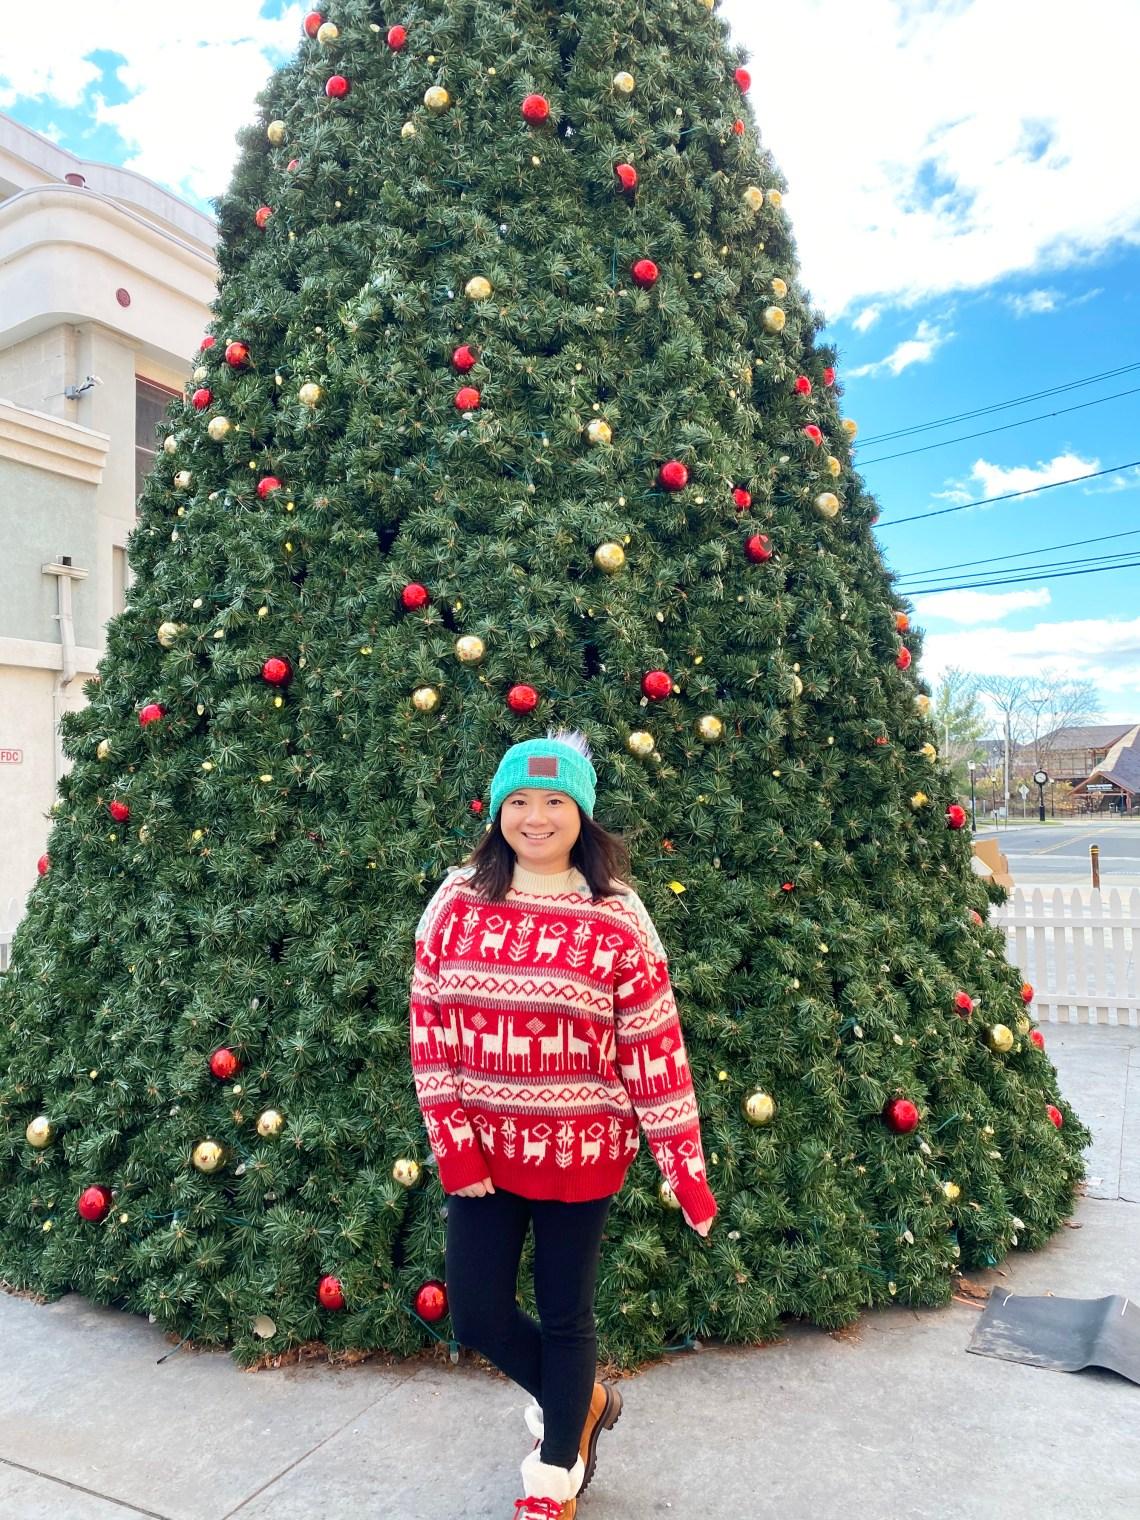 Llama-Christmas-Sweater